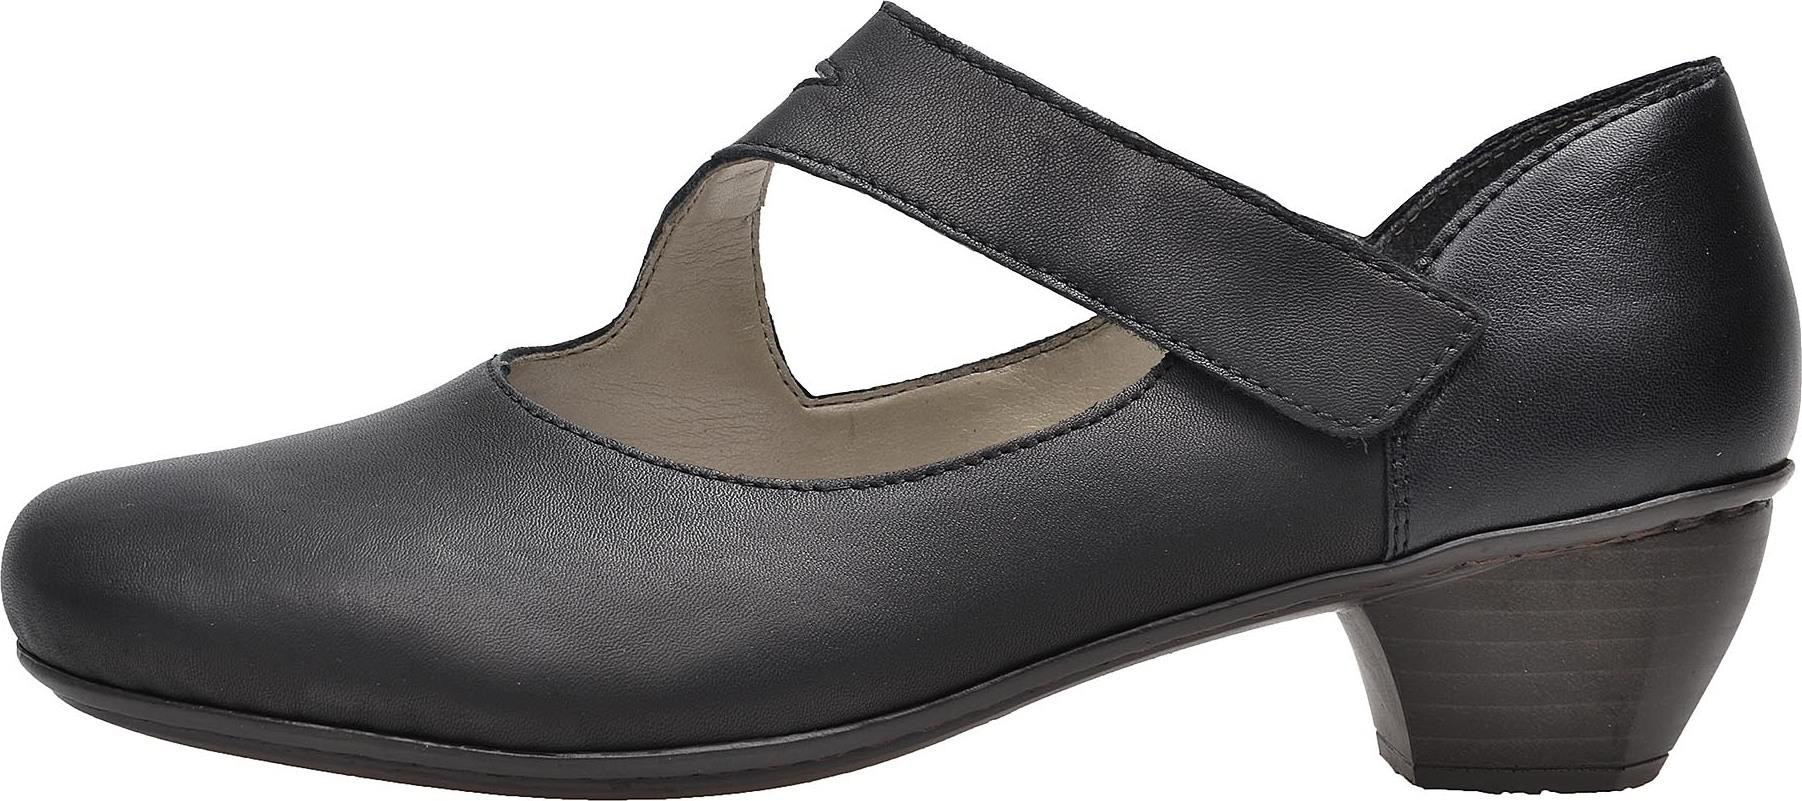 bf539cbadeb3 Dámská obuv RIEKER 41793 00 SCHWARZ F S 8 – Rieker Antistress